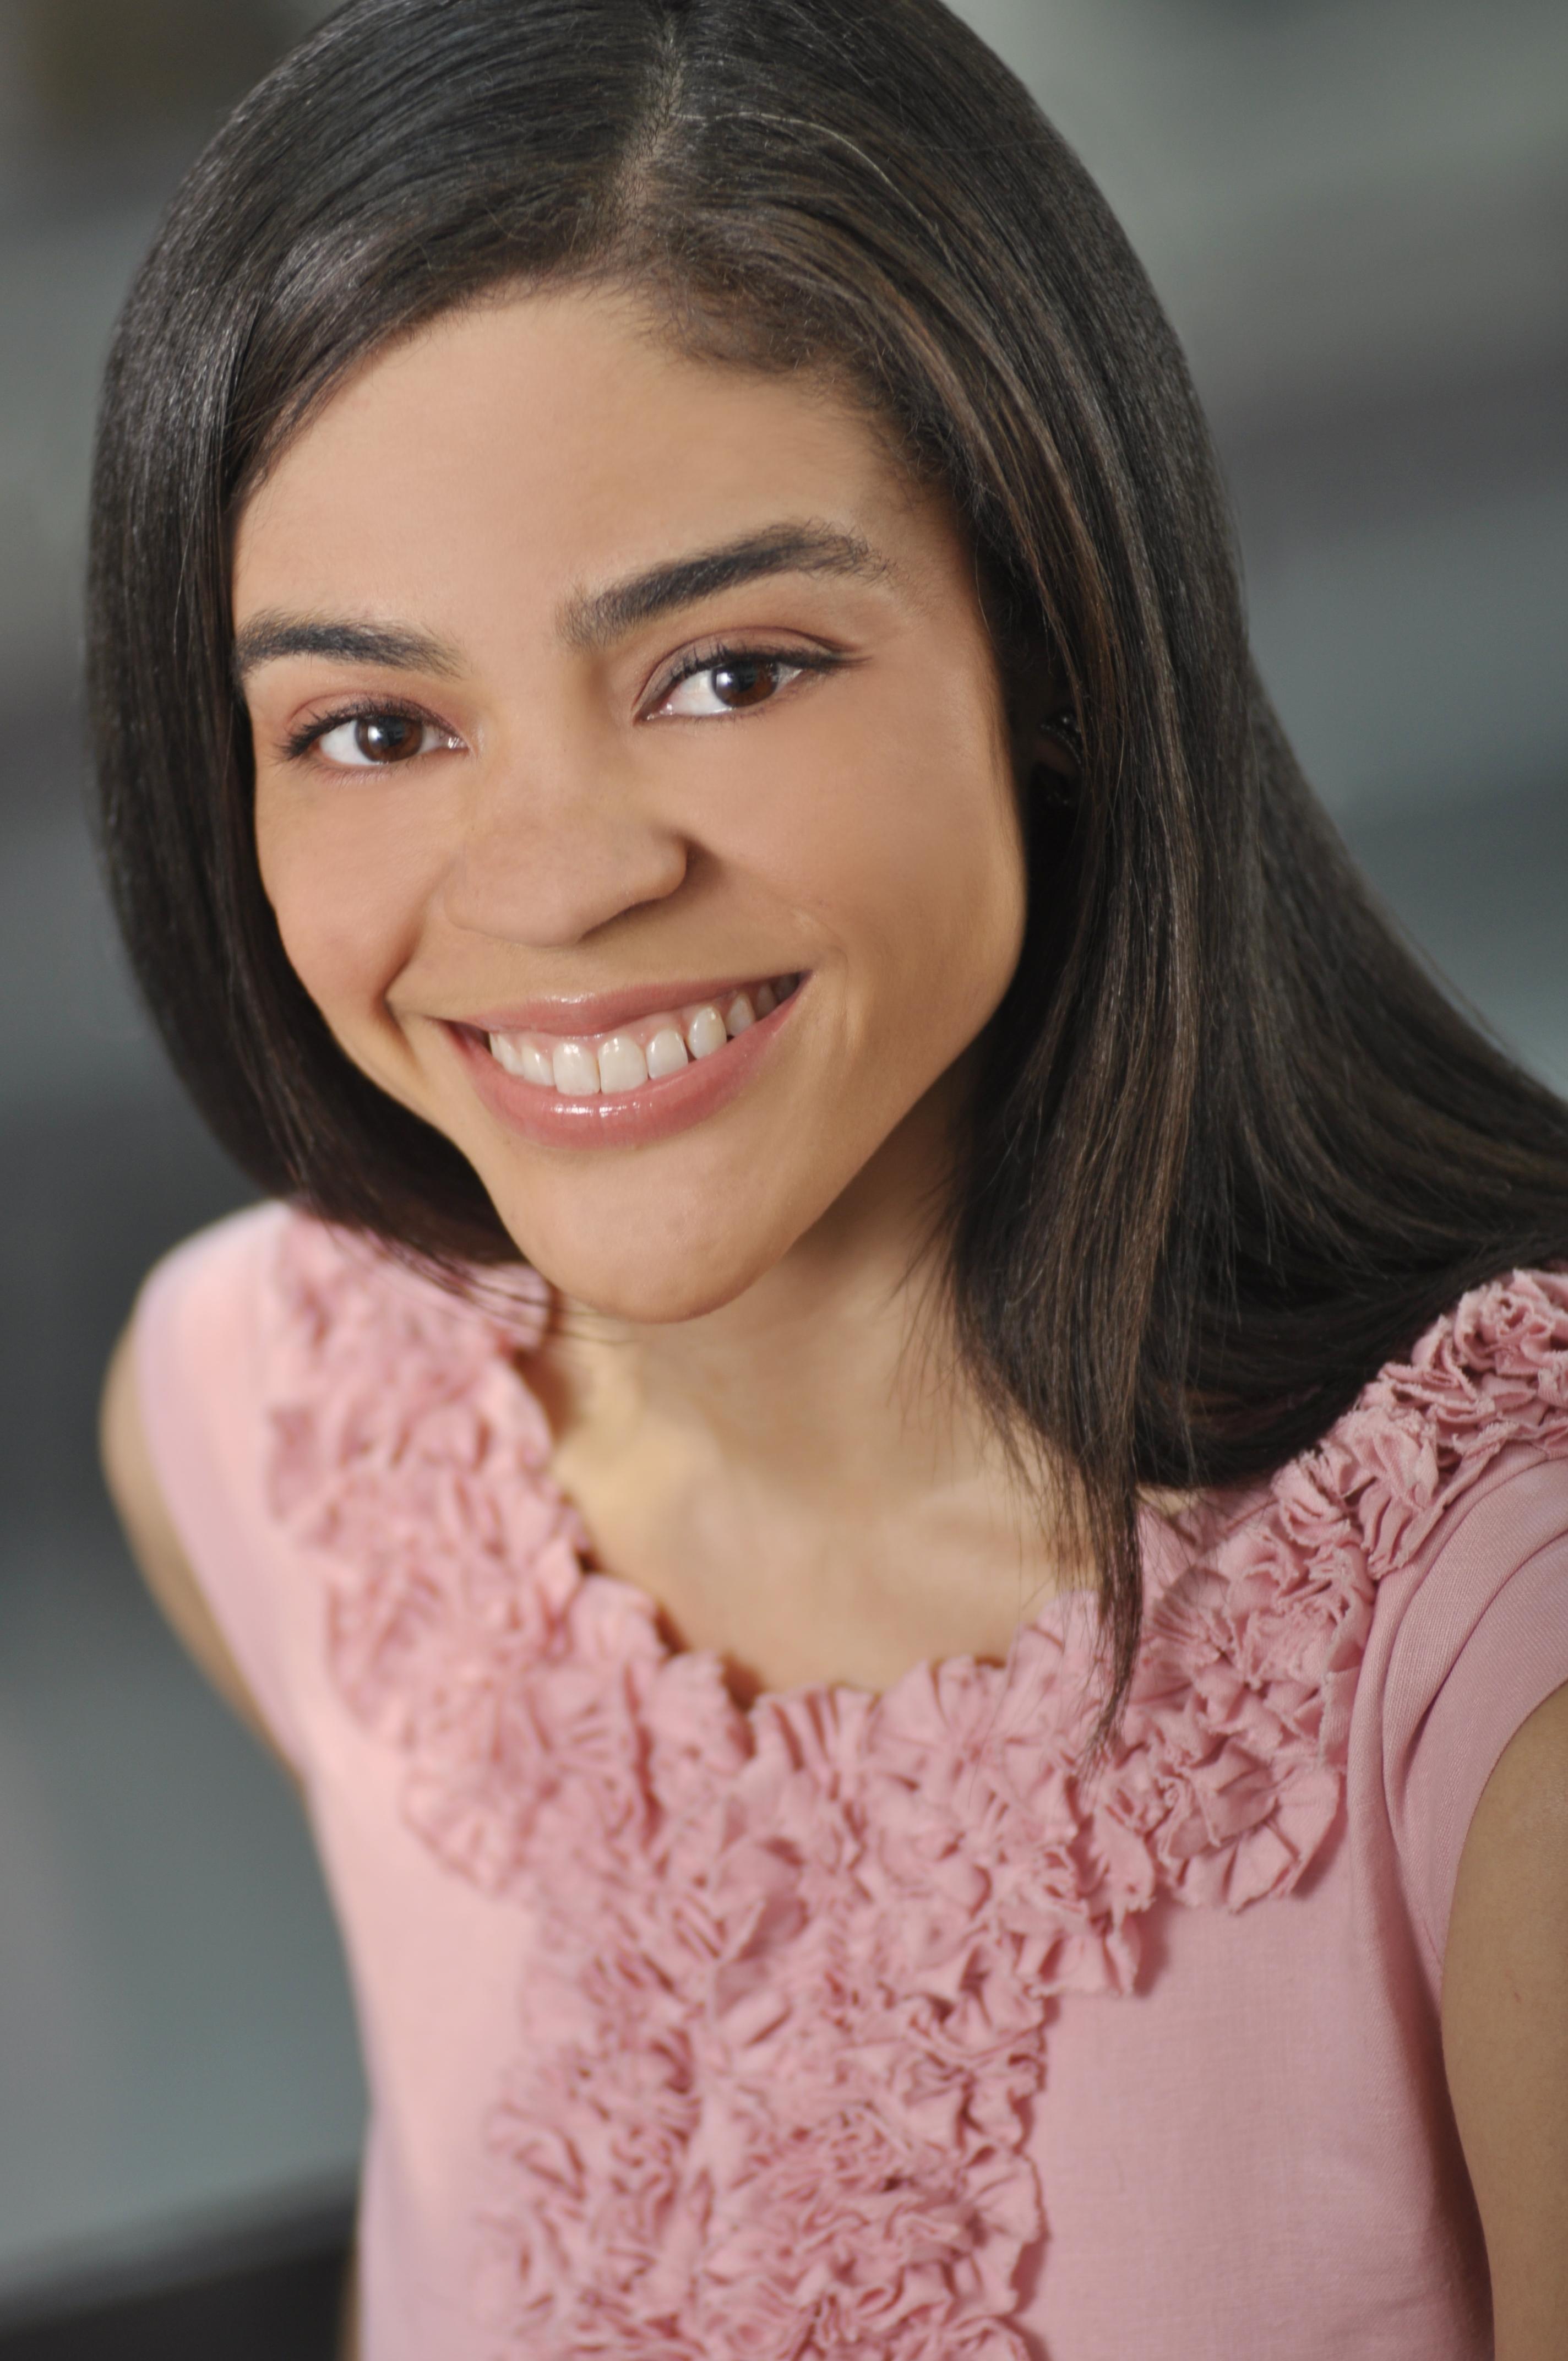 Author and Atlanta native, Kelly Smith-Beaty